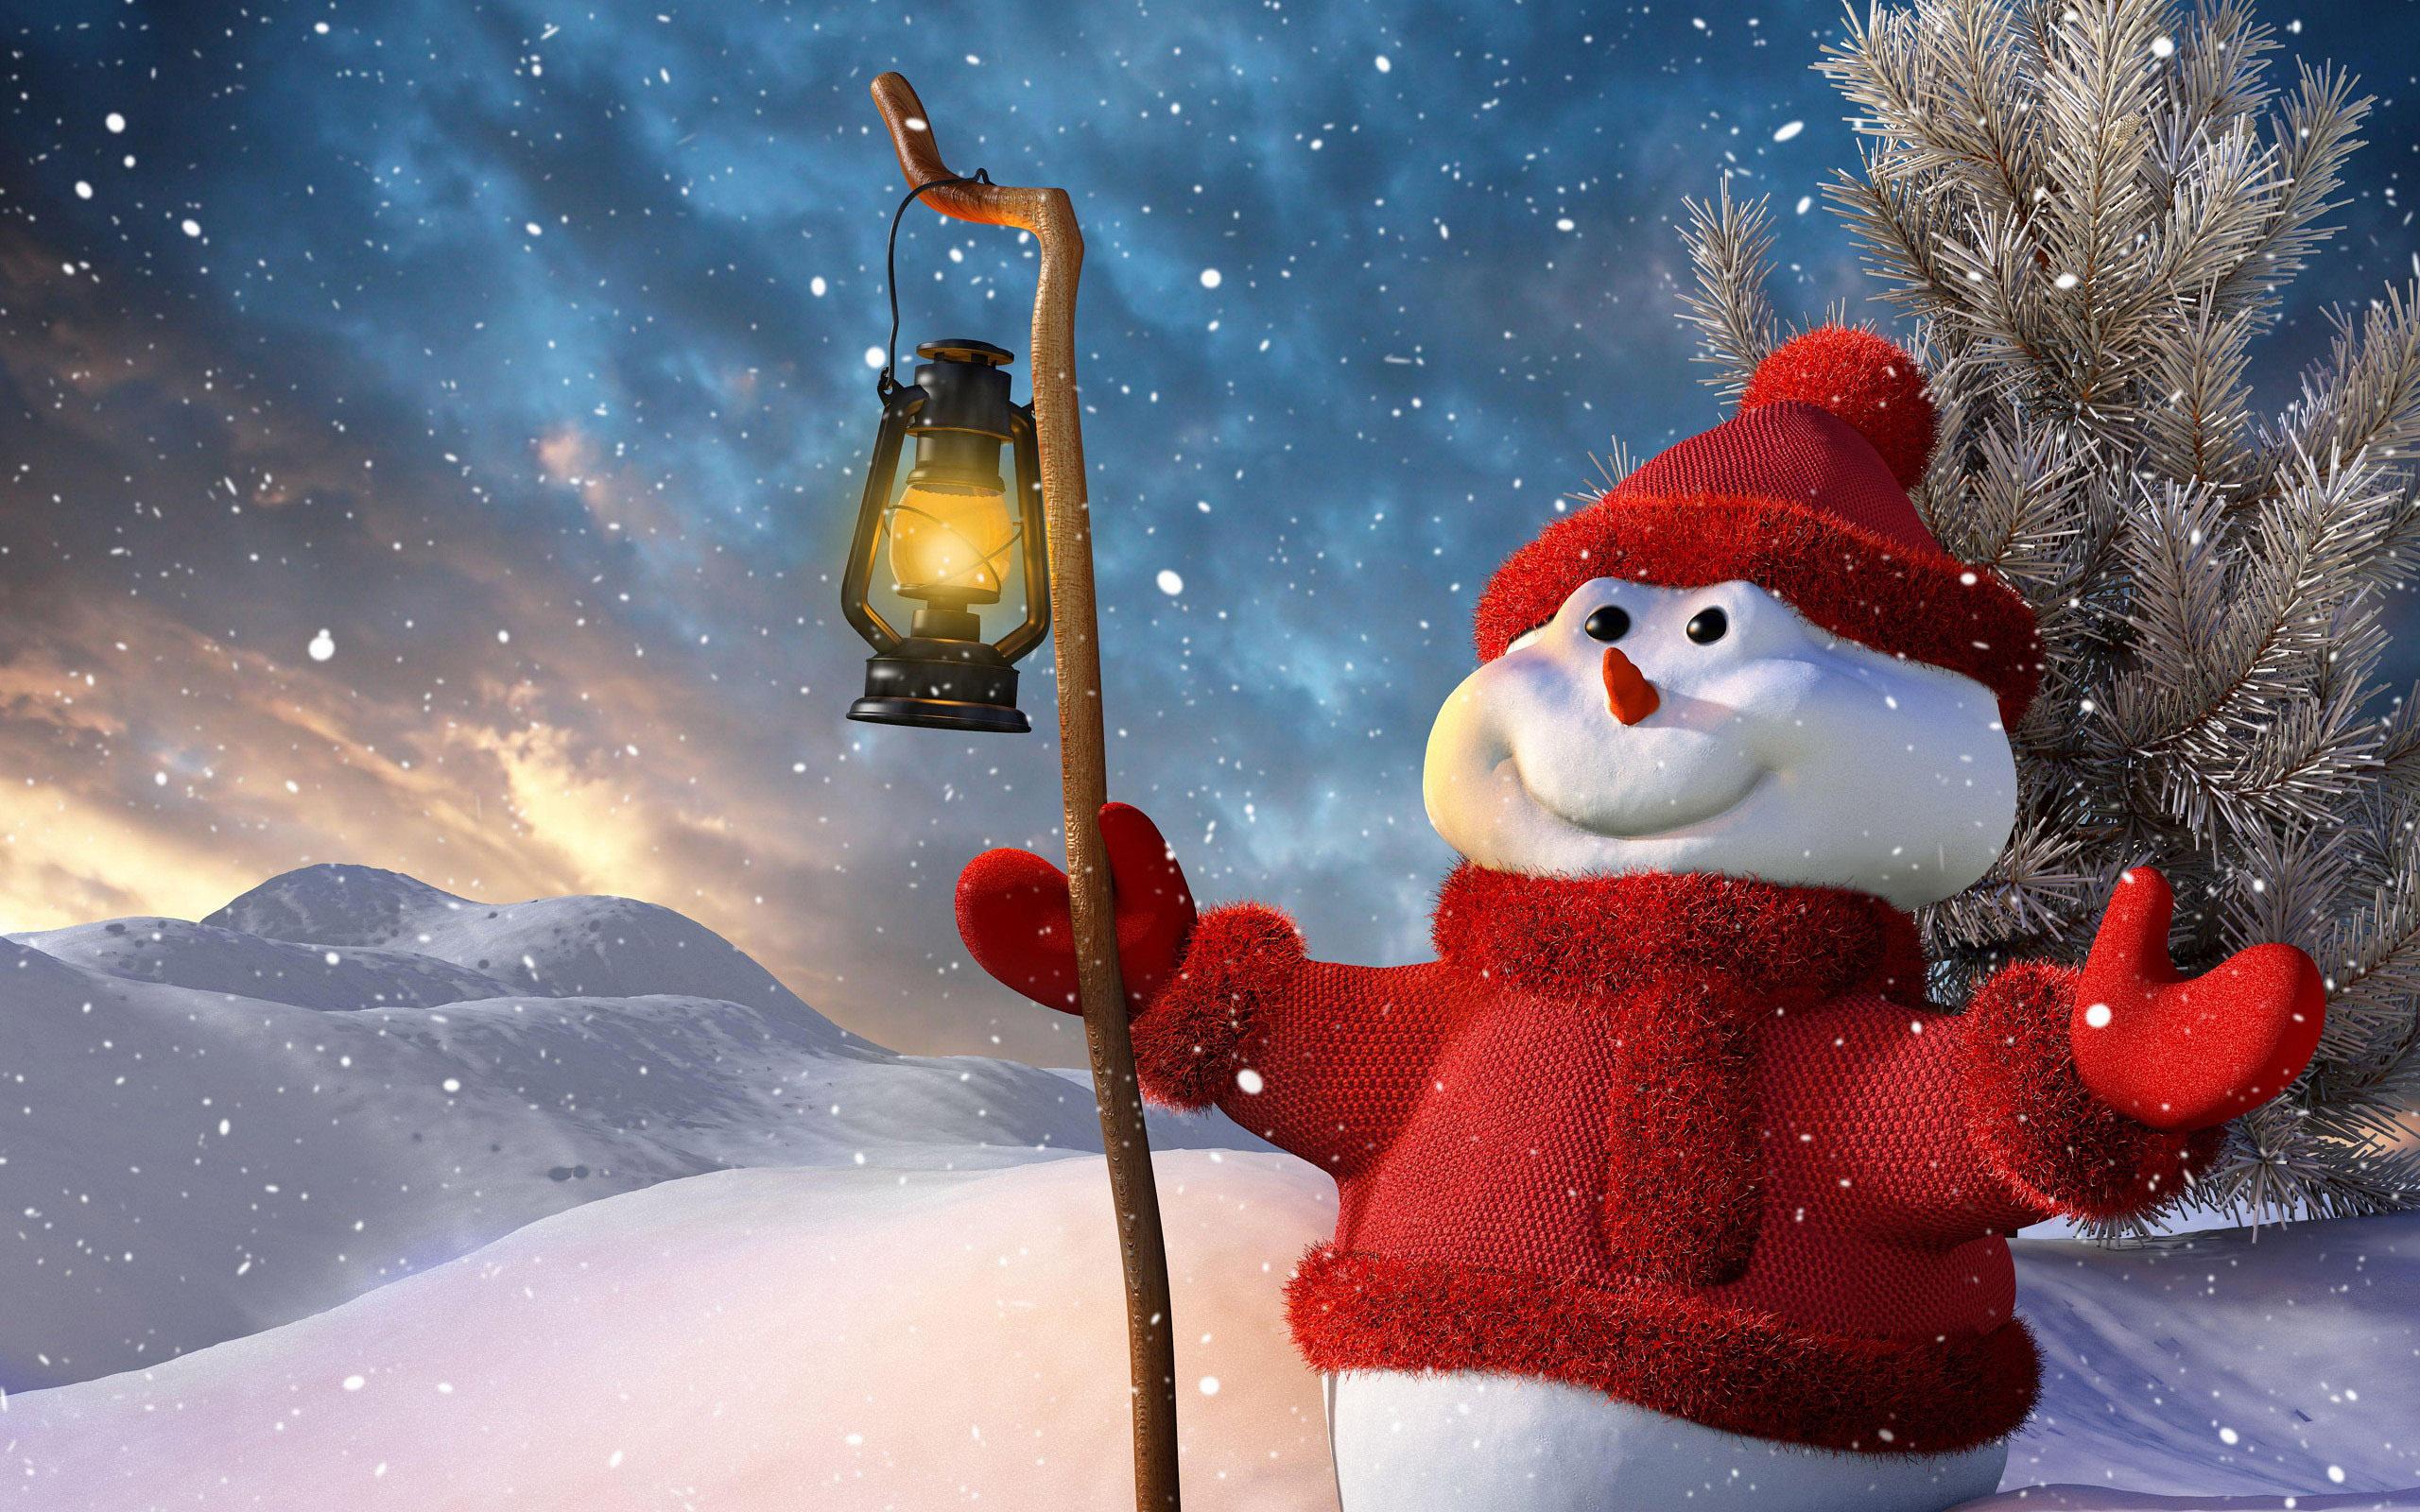 Снеговик, обои рабочий стол зима новый год, 2560 на 1600 пикселей